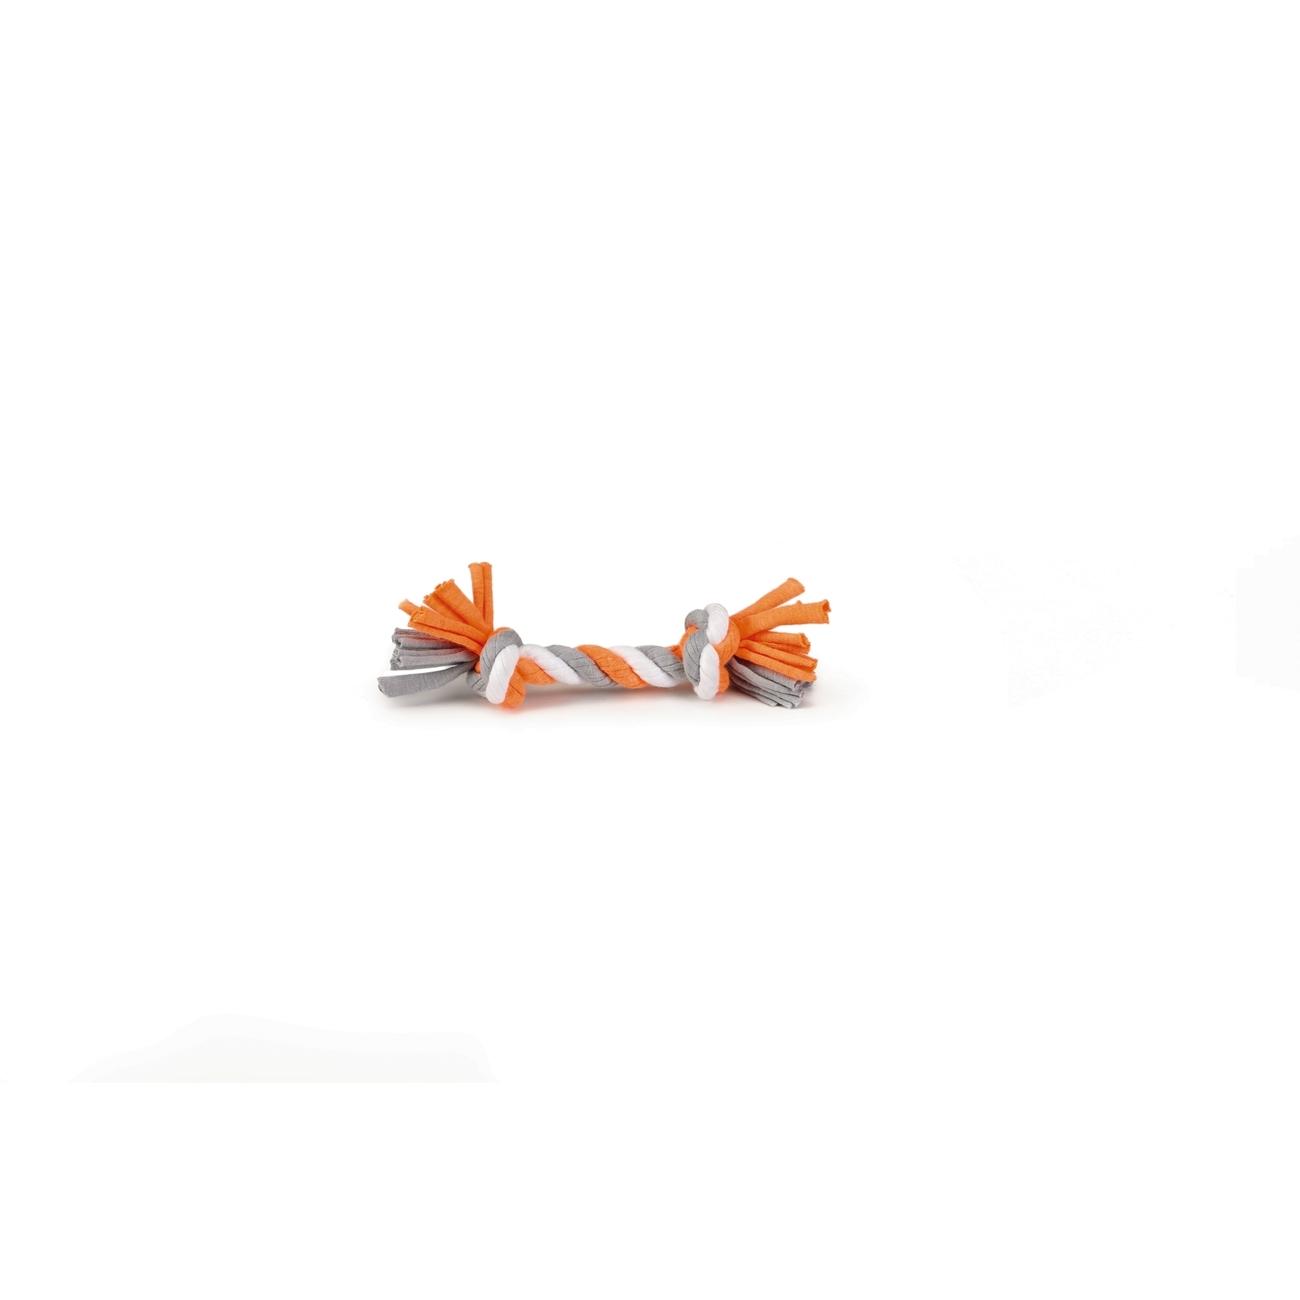 Beeztees Spieltau Wiza, Hundespielzeug, Bild 3